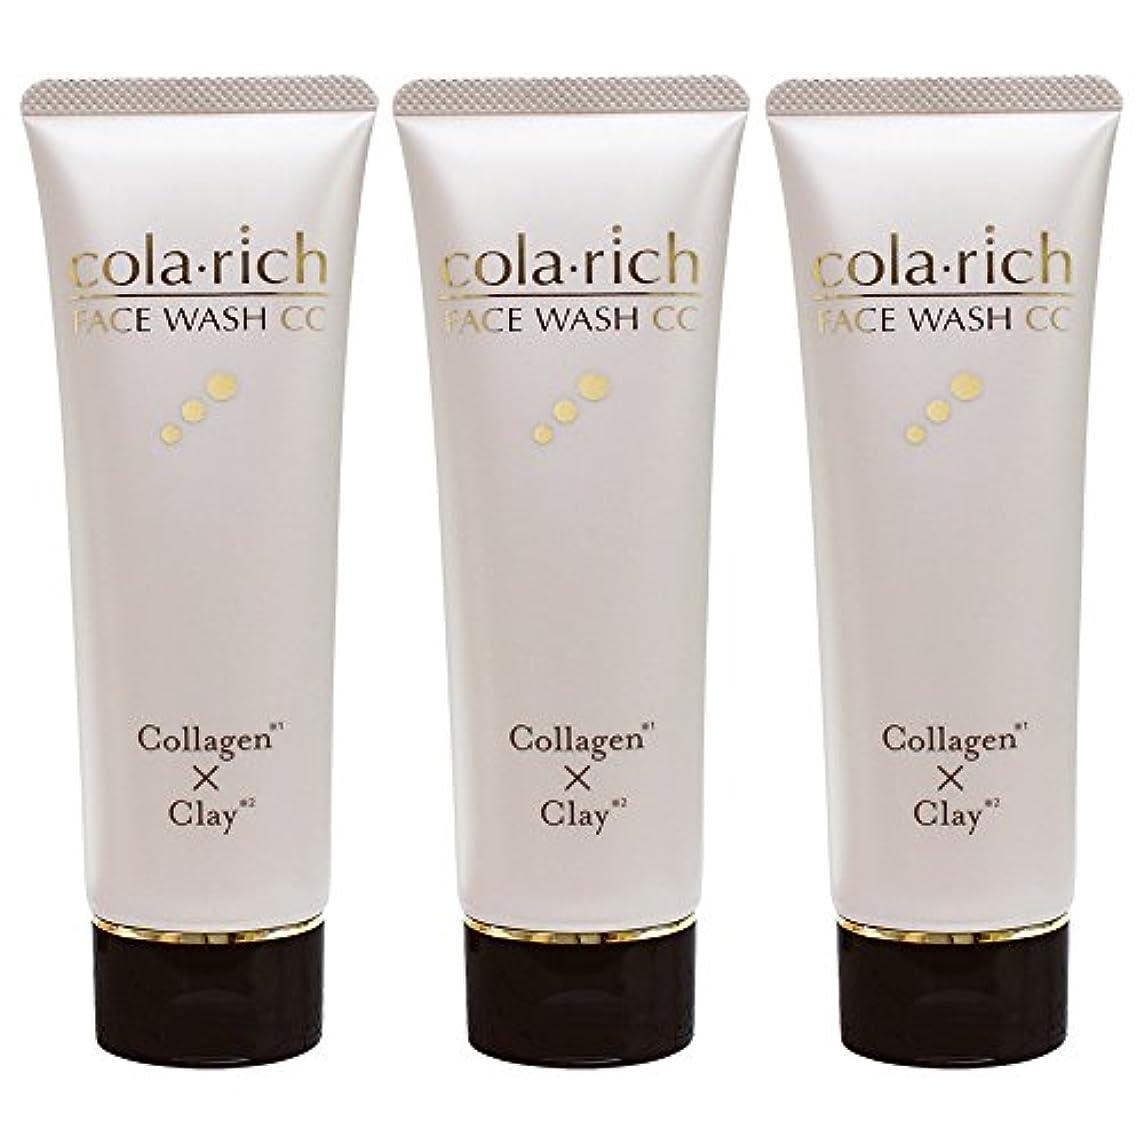 ドロー有限温かいコラリッチ コラーゲン配合美容液洗顔3本まとめ買い/フェイスウォッシュCC(1本120g 約1カ月分)キューサイ